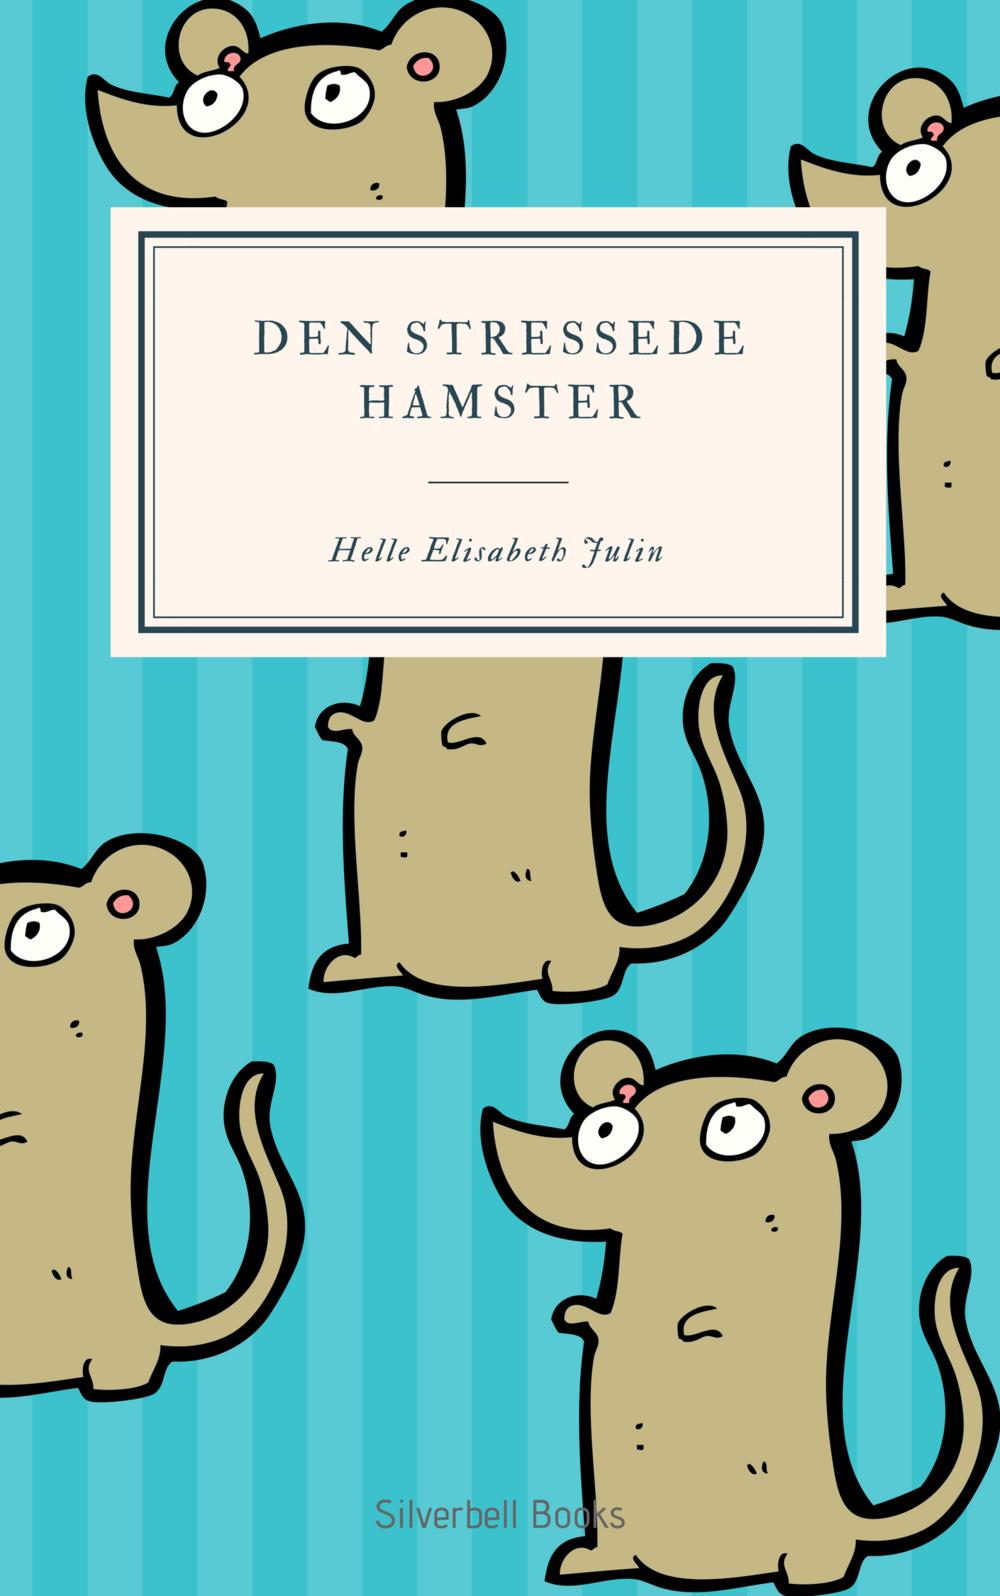 Den stressede hamster